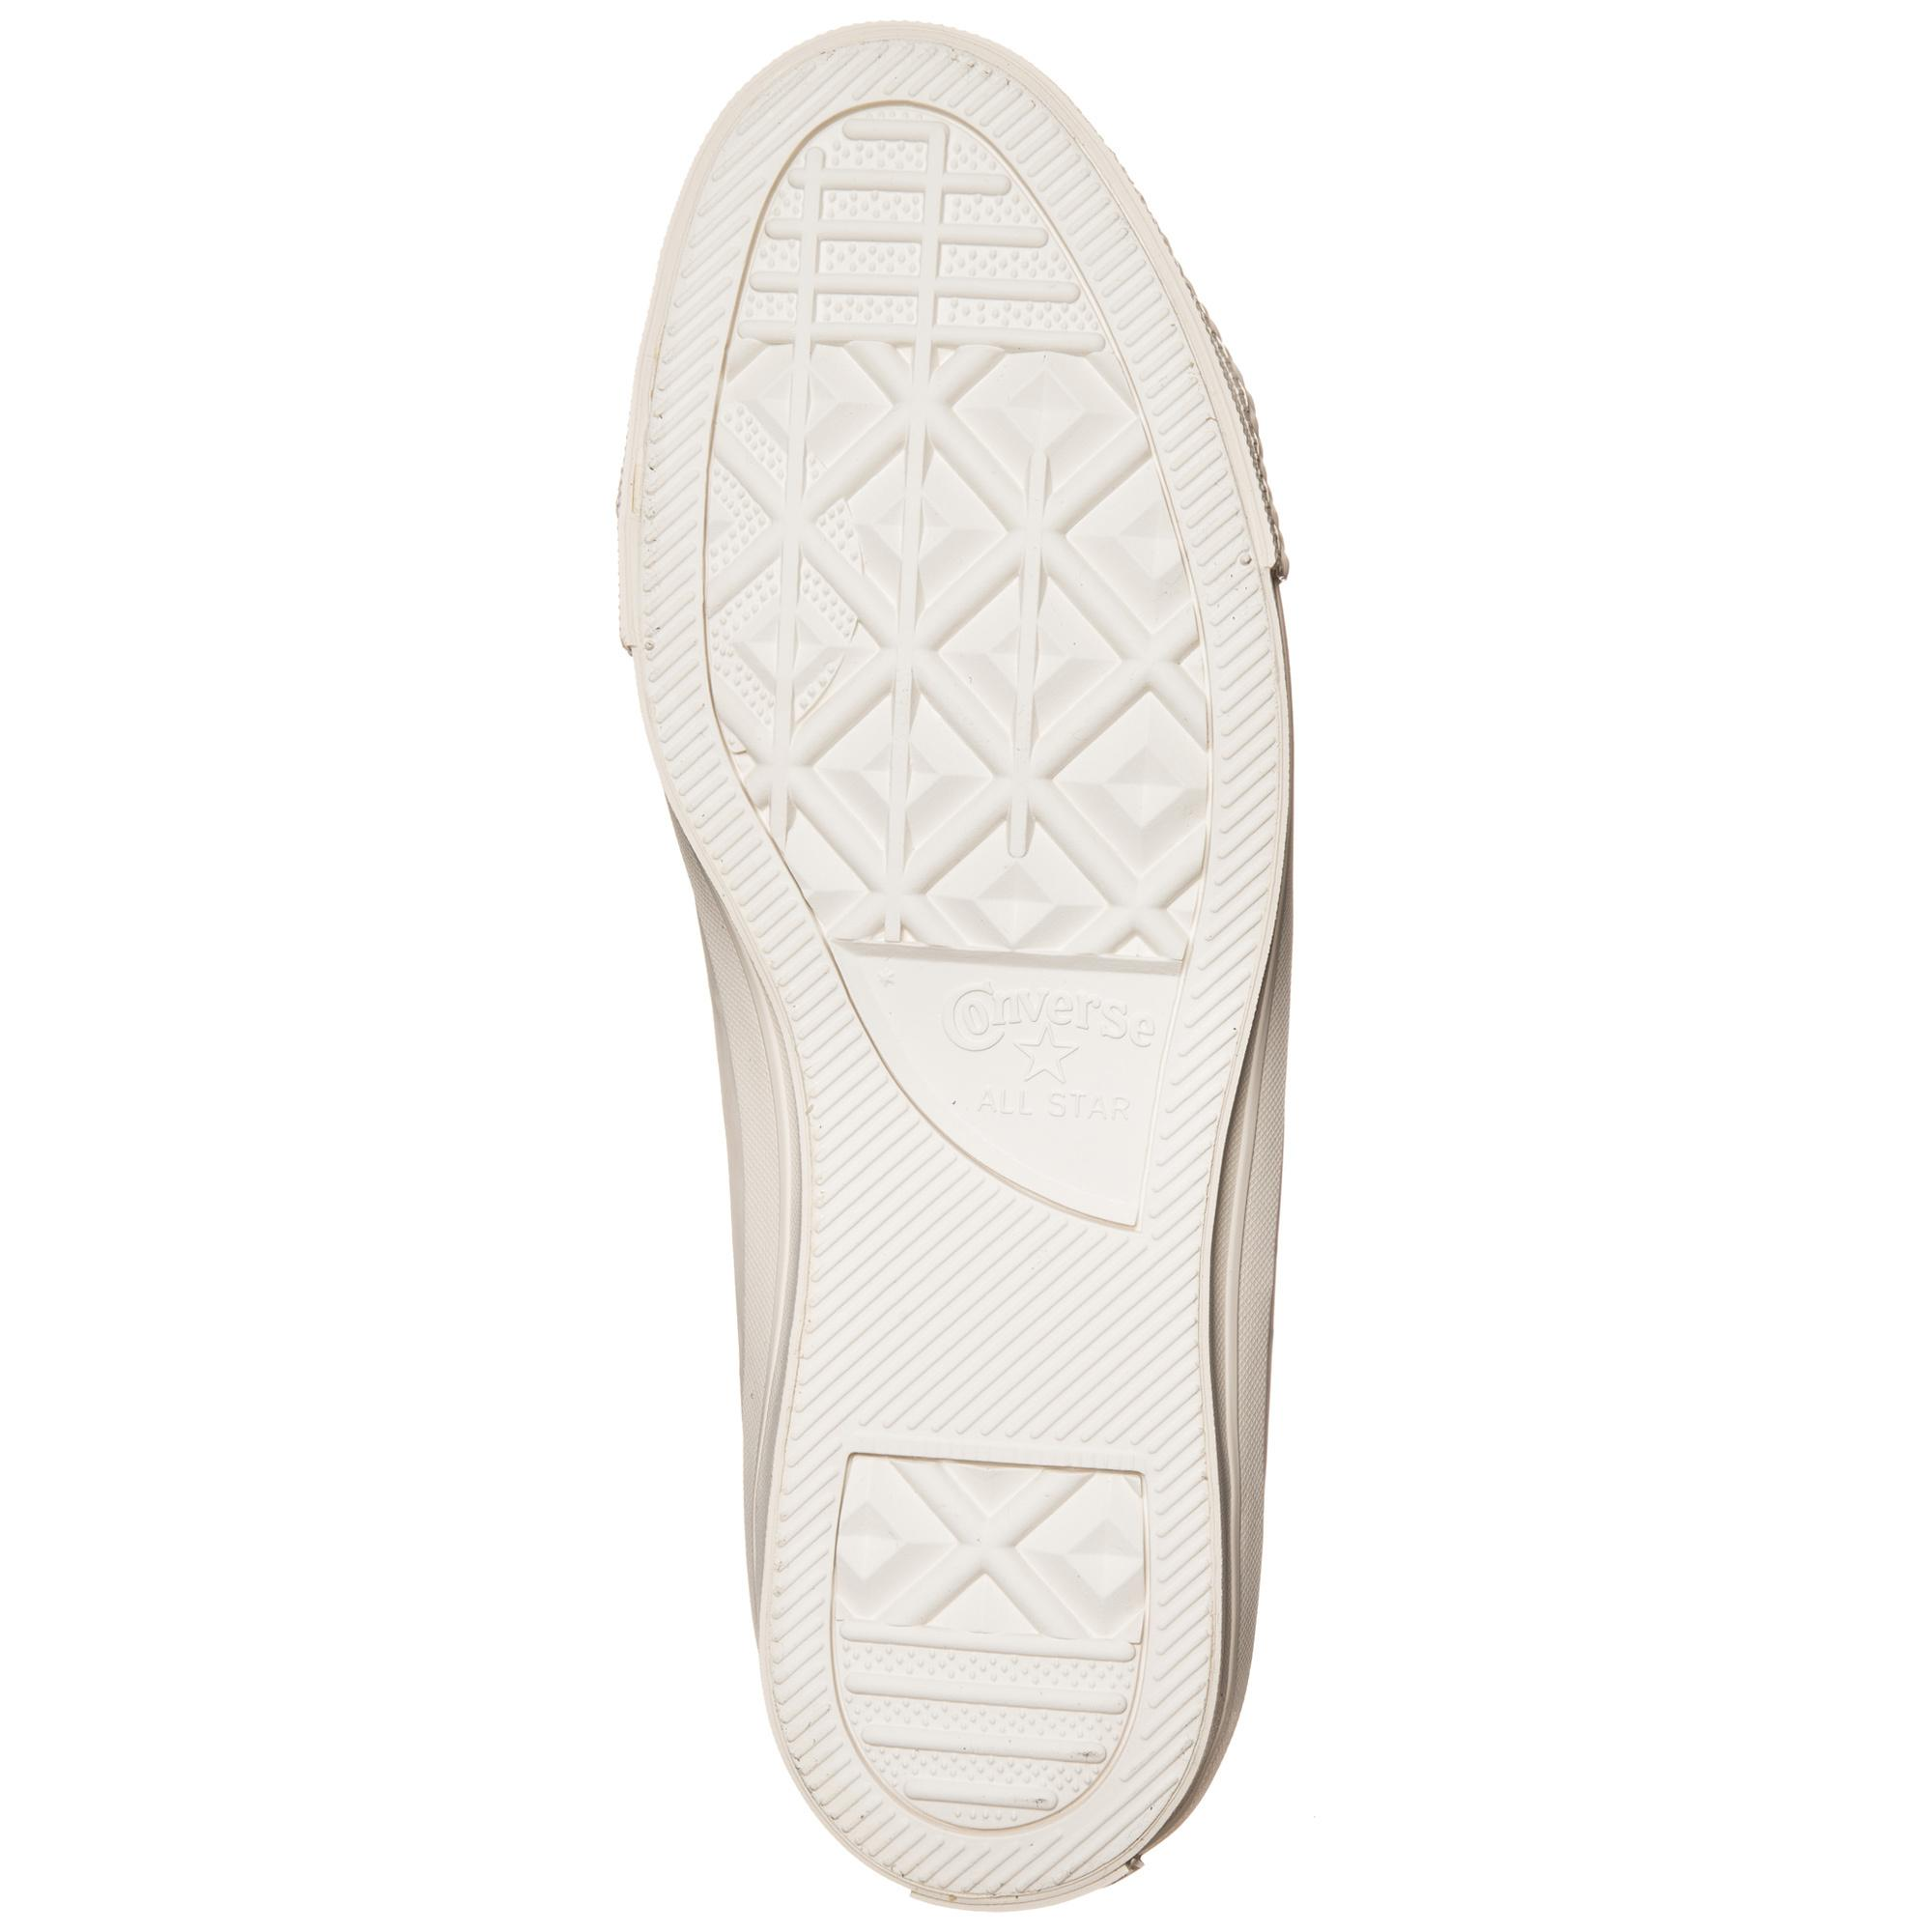 CONVERSE Cons One Star Leather Sneaker Herren schwarz schwarz schwarz / creme im Online Shop von SportScheck kaufen Gute Qualität beliebte Schuhe 492a9d